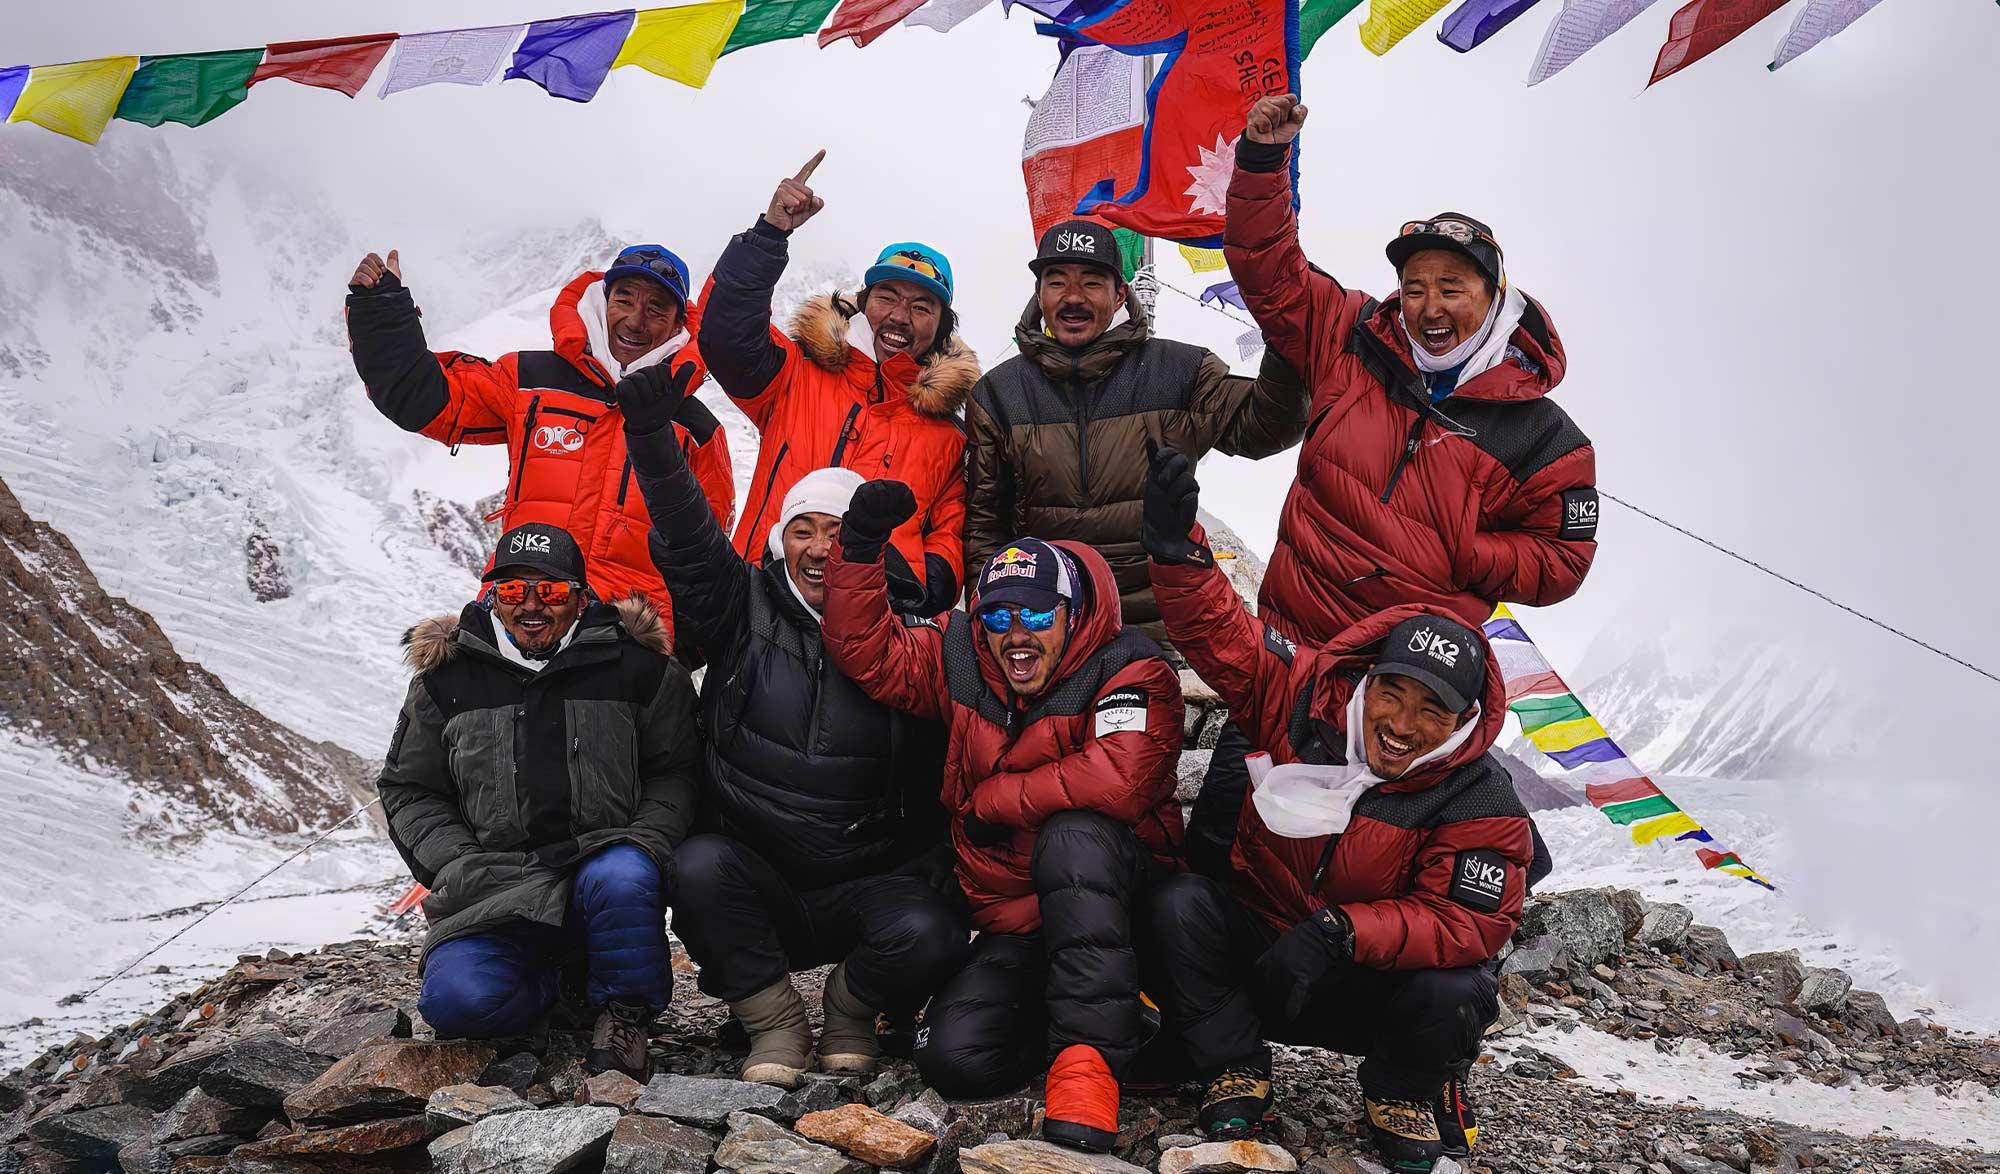 Equipe Népalaise victorieuse du K2 en hivernale